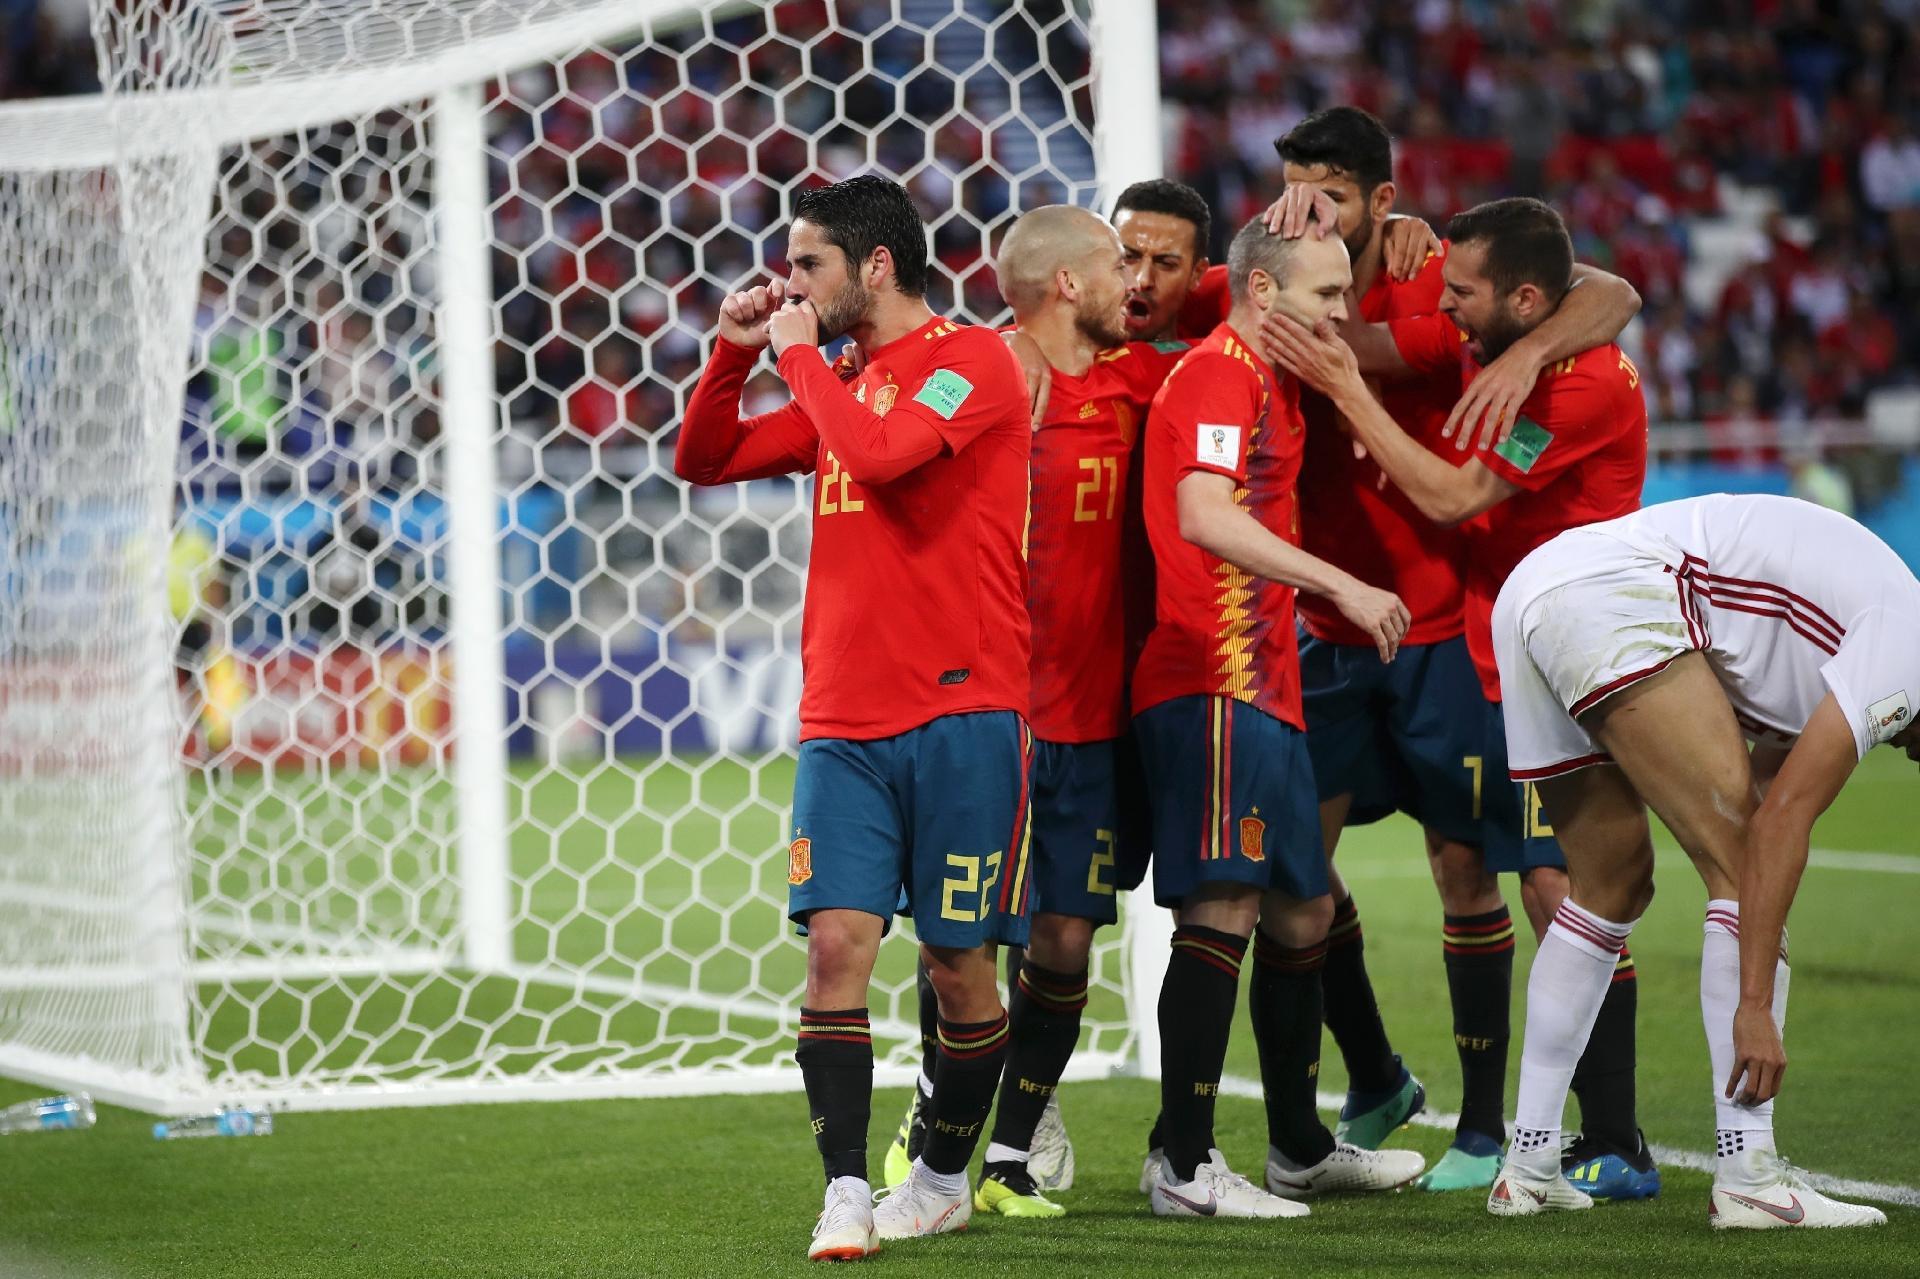 Espanha x Marrocos  Espanha empata com Marrocos graças ao VAR e pega a  Rússia nas oitavas - UOL Copa do Mundo 936b386e6a1ef